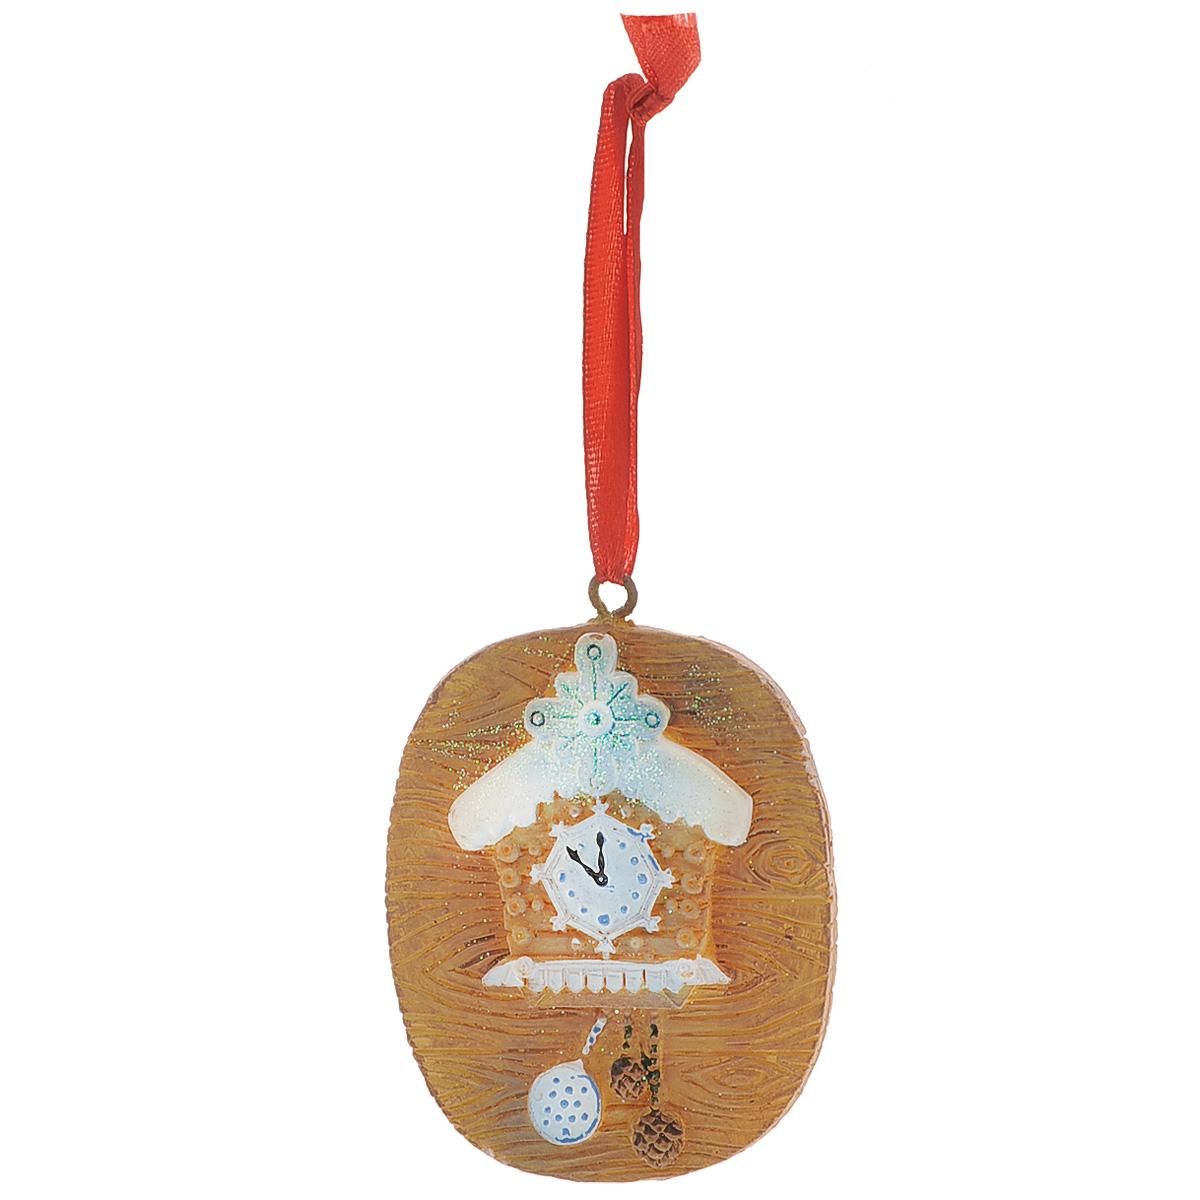 Новогоднее подвесное украшение Сказочные часы с шишками, цвет: коричневый. 3458034580Оригинальное новогоднее украшение из пластика прекрасно подойдет для праздничного декора дома и новогодней ели. Изделие крепится на елку с помощью металлического зажима.